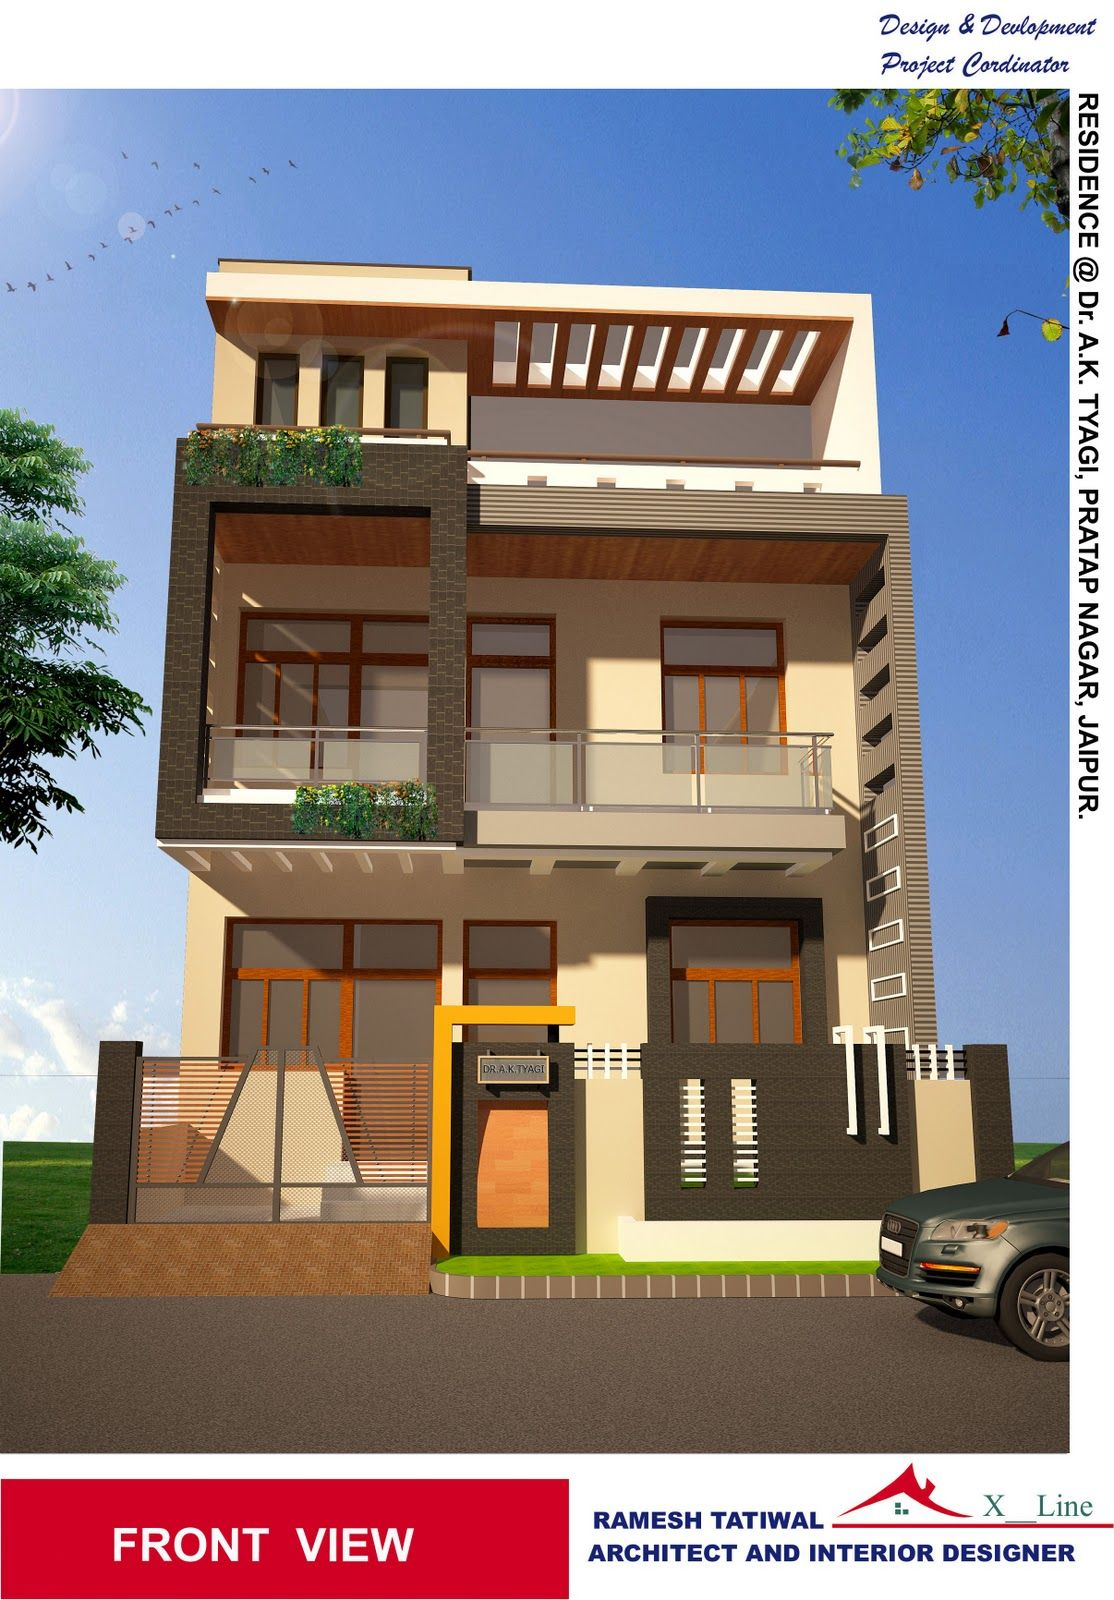 New Architectural Designs Decority Com Decor Ideas